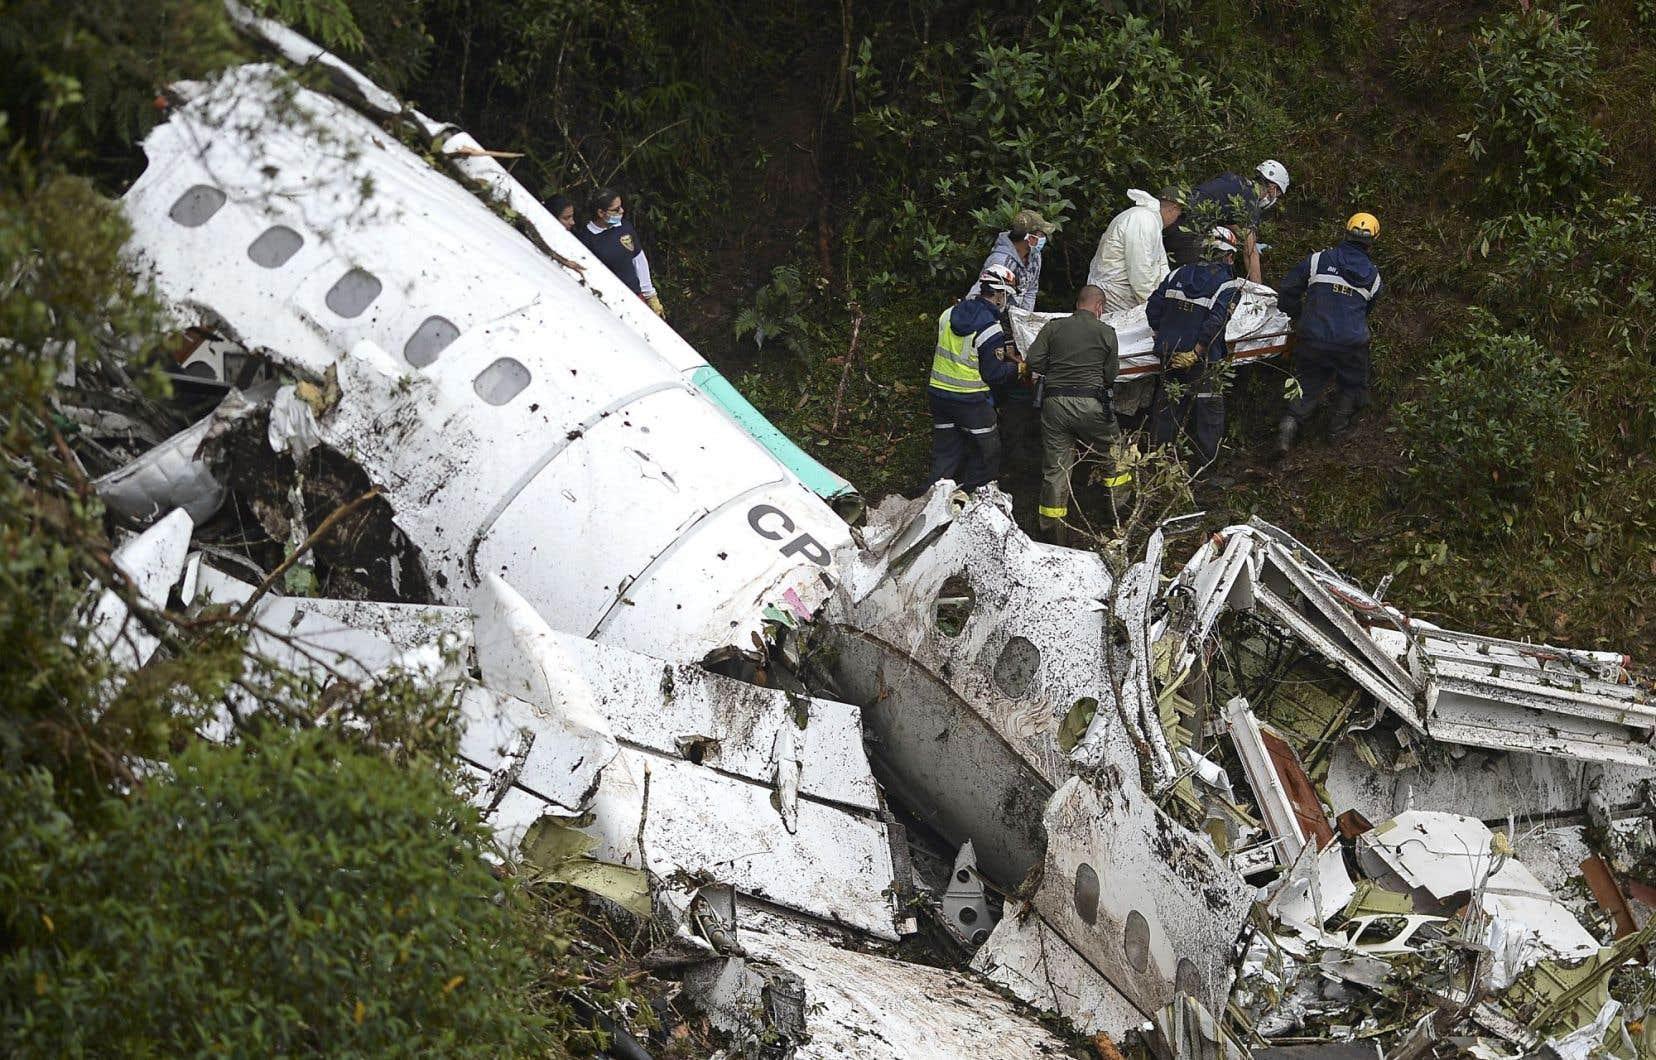 L'écrasement du vol LMI 2933 dans les montagnes colombiennes a tué 71 personnes, dont la presque totalité de l'équipe de football brésilienne de Chapecoense.